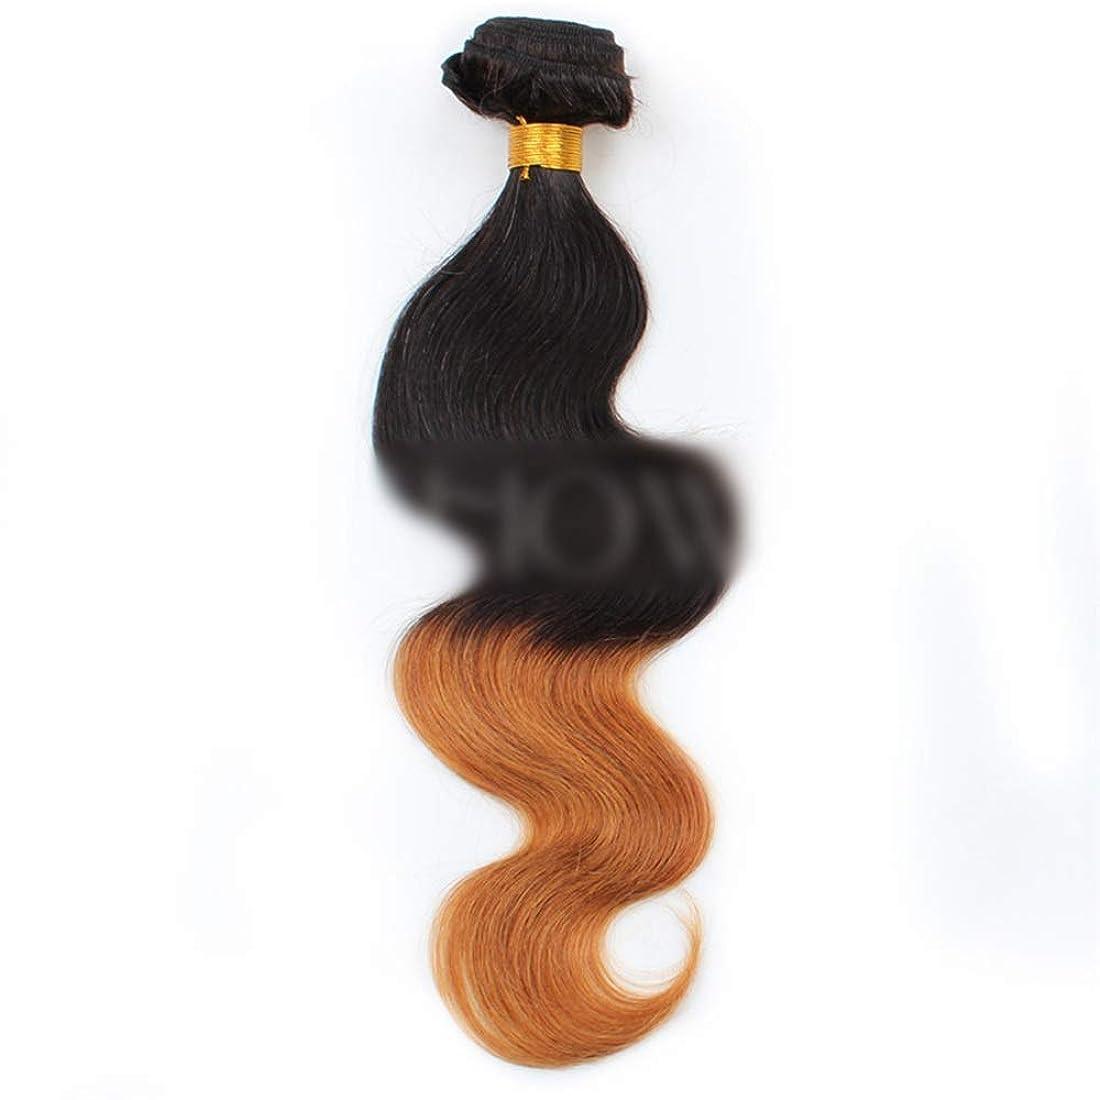 エキサイティング些細なストレスBOBIDYEE ブラジルの人間の髪の毛のボディ織り方ヘアエクステンション-1B / 30#黒から茶色へのグラデーショングラデーションカラー髪の織り方1バンドル、100g合成髪レースかつらロールプレイングかつら長くて短い女性自然 (色 : ブラウン, サイズ : 12 inch)